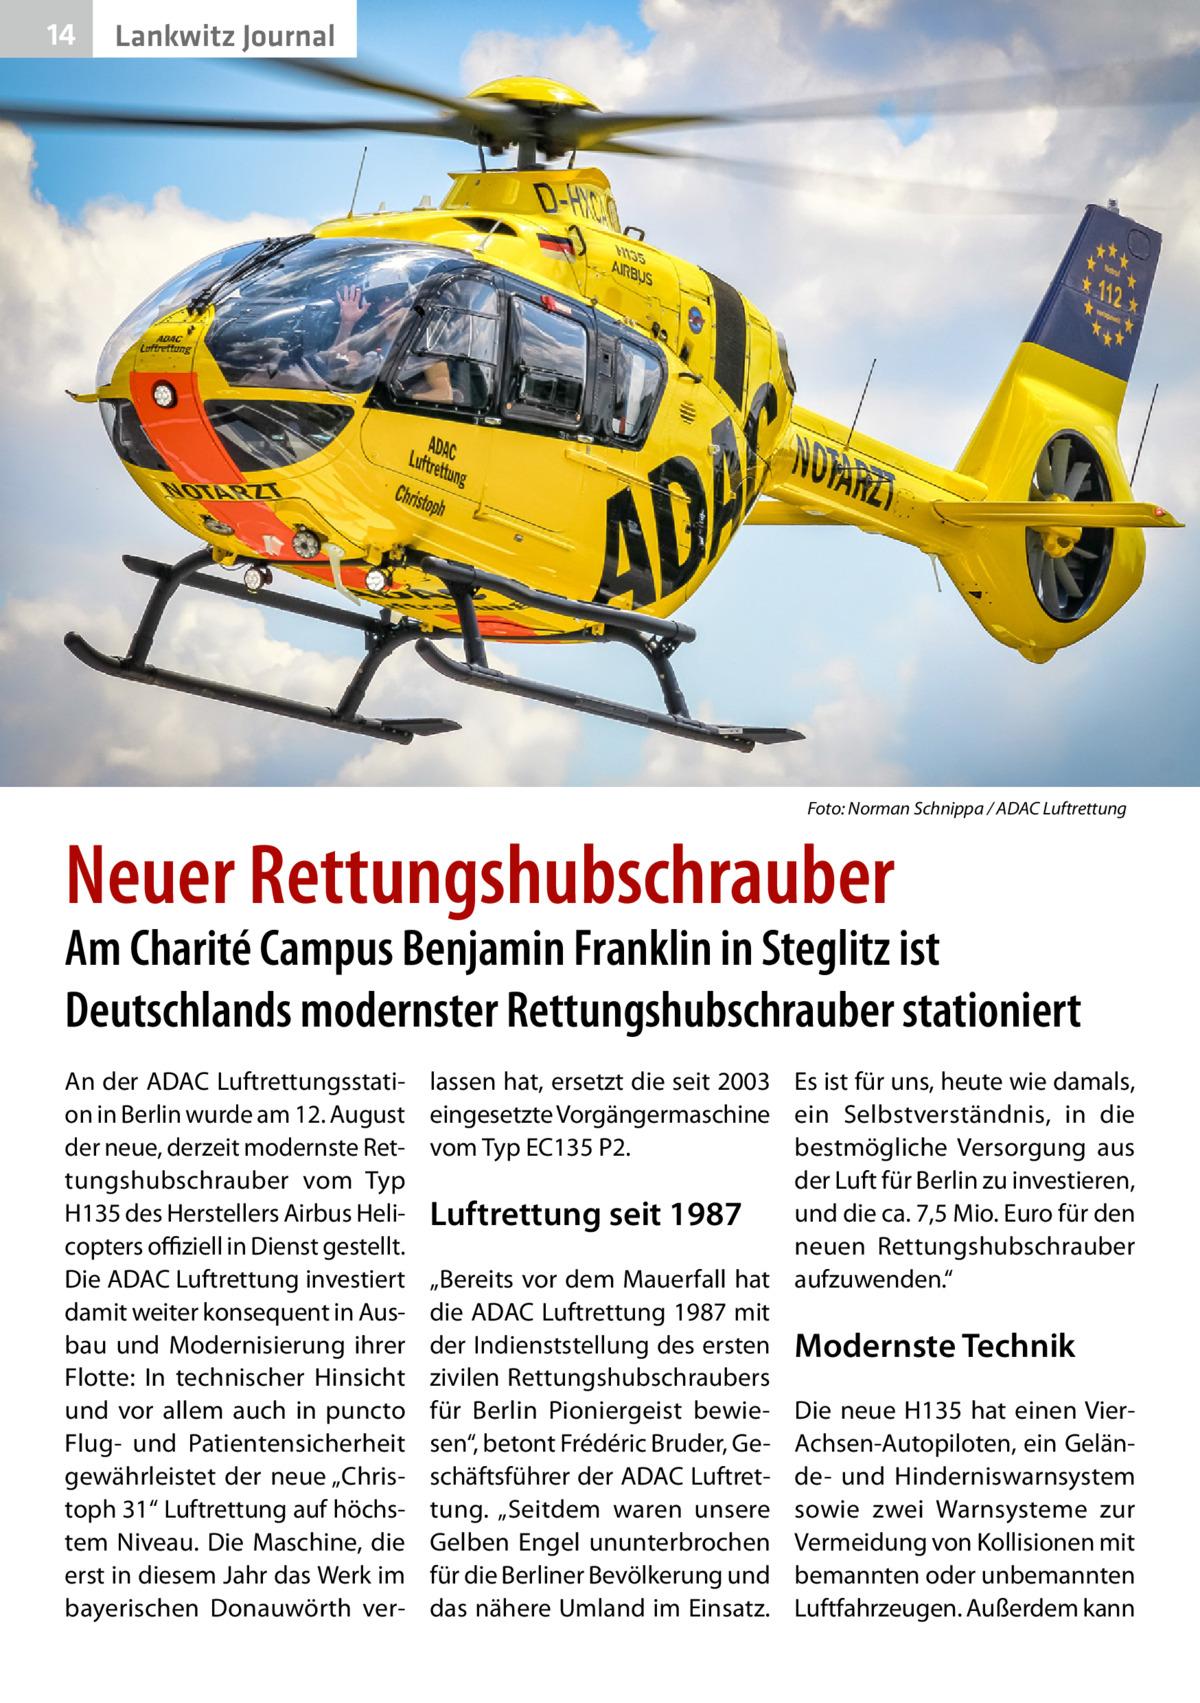 """14  Lankwitz Journal  �  Foto: Norman Schnippa / ADAC Luftrettung  Neuer Rettungshubschrauber  Am Charité Campus Benjamin Franklin in Steglitz ist Deutschlands modernster Rettungshubschrauber stationiert An der ADAC Luftrettungsstation in Berlin wurde am 12.August der neue, derzeit modernste Rettungshubschrauber vom Typ H135 des Herstellers Airbus Helicopters offiziell in Dienst gestellt. Die ADAC Luftrettung investiert damit weiter konsequent in Ausbau und Modernisierung ihrer Flotte: In technischer Hinsicht und vor allem auch in puncto Flug- und Patientensicherheit gewährleistet der neue """"Christoph31"""" Luftrettung auf höchstem Niveau. Die Maschine, die erst in diesem Jahr das Werk im bayerischen Donauwörth ver lassen hat, ersetzt die seit 2003 Es ist für uns, heute wie damals, eingesetzte Vorgängermaschine ein Selbstverständnis, in die vom Typ EC135P2. bestmögliche Versorgung aus der Luft für Berlin zu investieren, und die ca. 7,5Mio. Euro für den Luftrettung seit 1987 neuen Rettungshubschrauber """"Bereits vor dem Mauerfall hat aufzuwenden."""" die ADAC Luftrettung 1987 mit der Indienststellung des ersten Modernste Technik zivilen Rettungshubschraubers für Berlin Pioniergeist bewie- Die neue H135 hat einen Viersen"""", betont Frédéric Bruder, Ge- Achsen-Autopiloten, ein Gelänschäftsführer der ADAC Luftret- de- und Hinderniswarnsystem tung. """"Seitdem waren unsere sowie zwei Warnsysteme zur Gelben Engel ununterbrochen Vermeidung von Kollisionen mit für die Berliner Bevölkerung und bemannten oder unbemannten das nähere Umland im Einsatz. Luftfahrzeugen. Außerdem kann"""